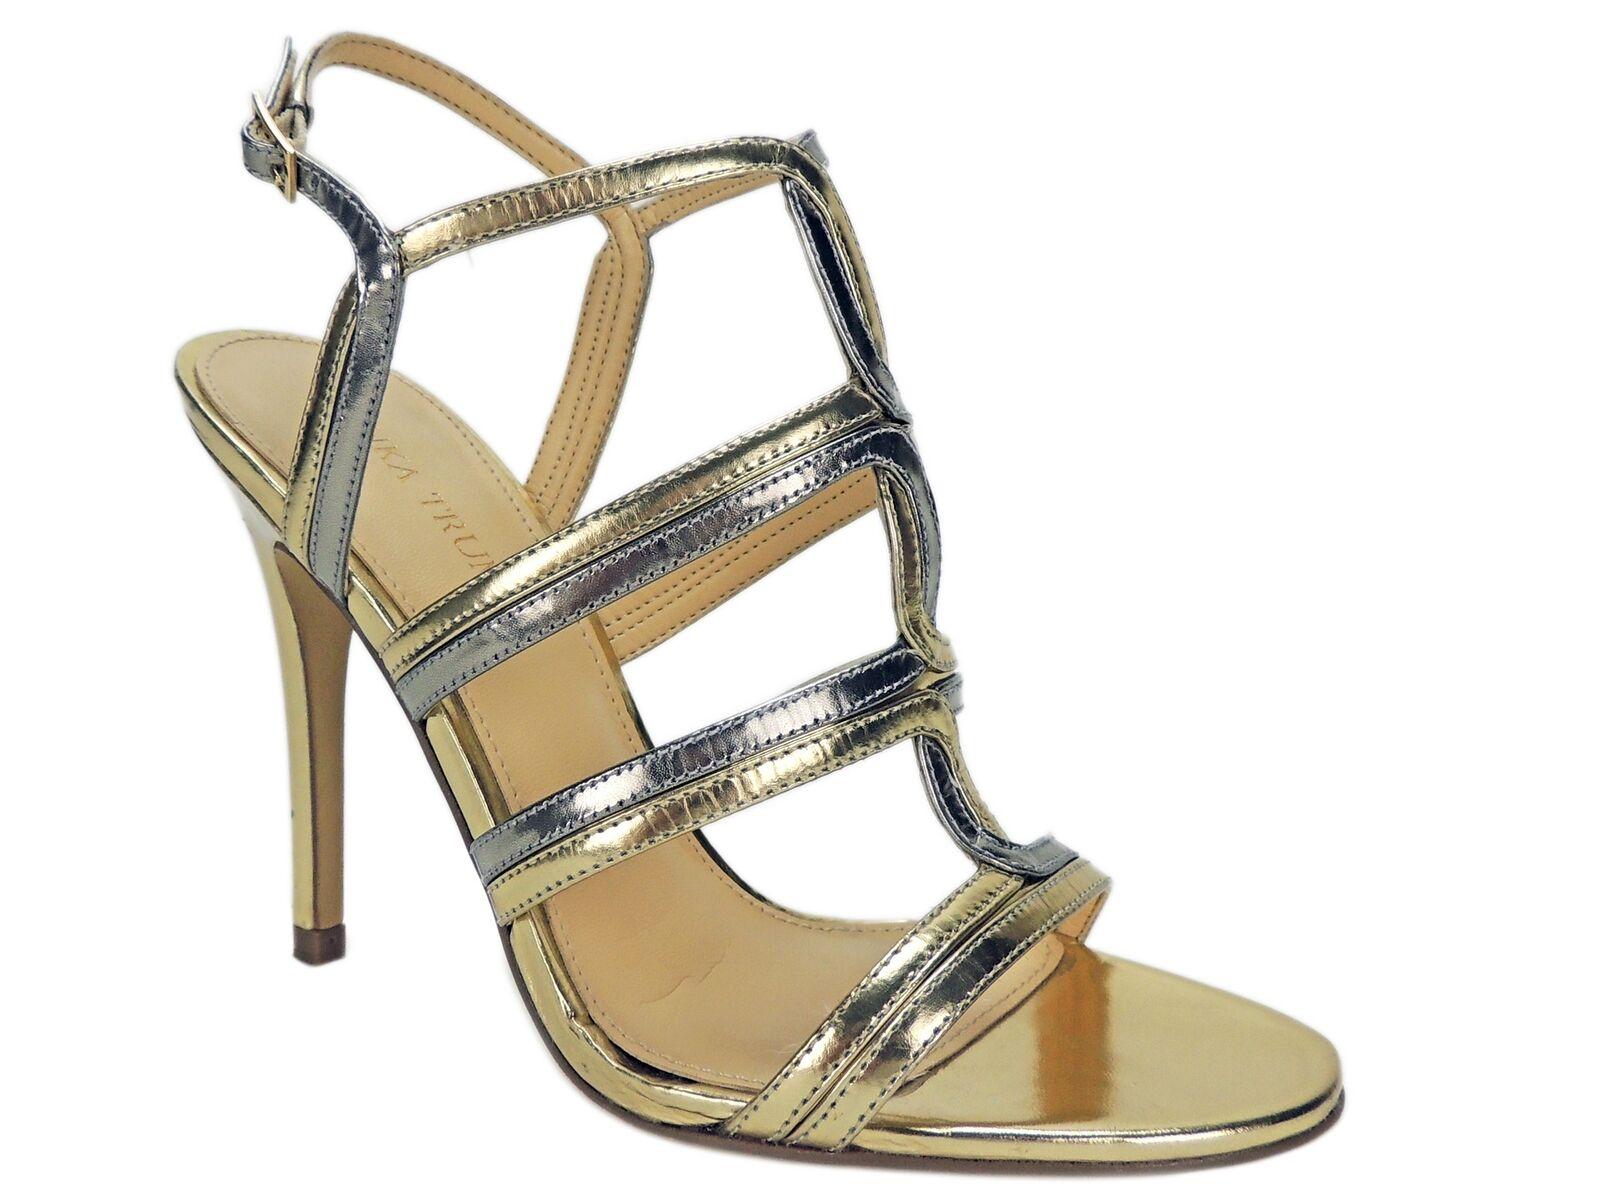 Ivanka Trump Wohombres Hazen Strappy Sandals oro Leather Talla 7.5 M